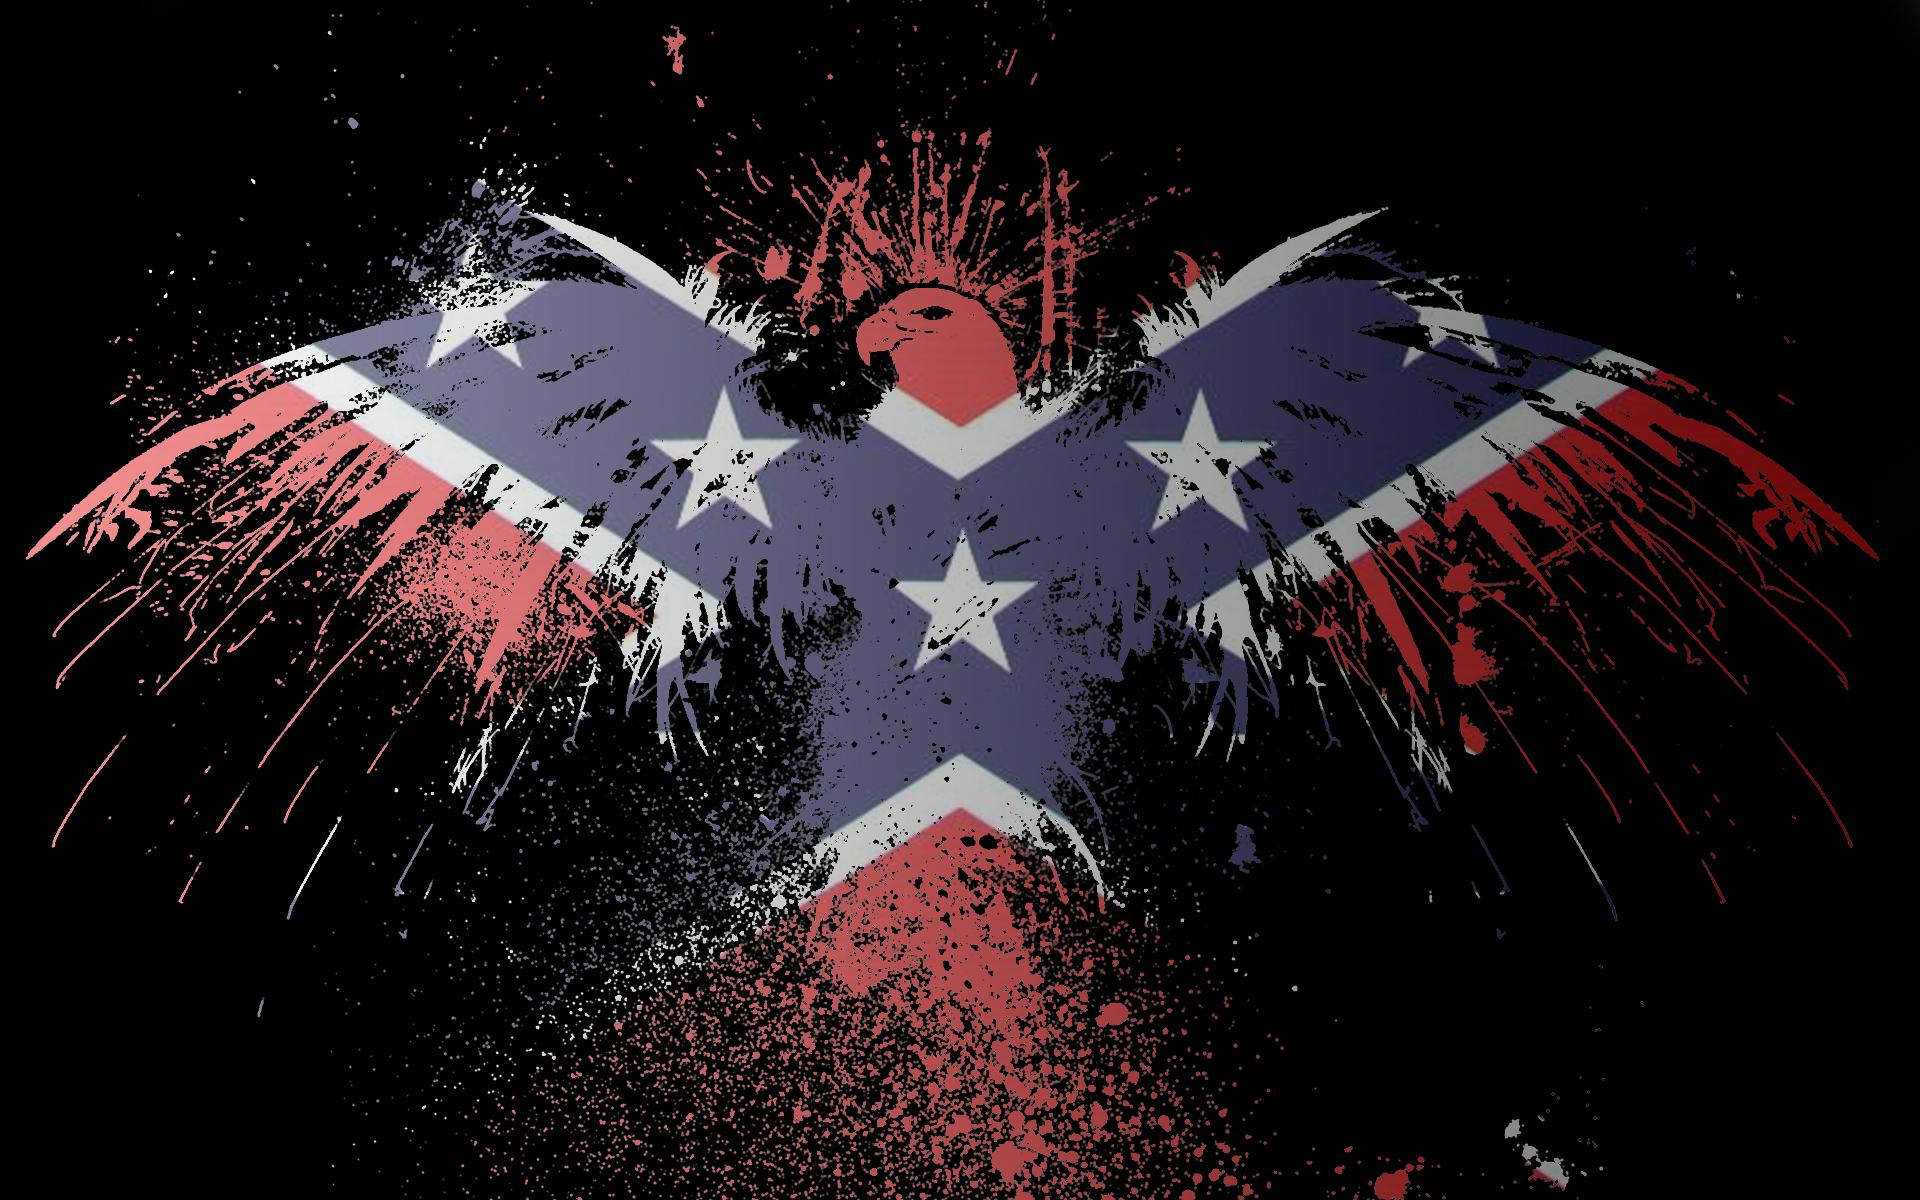 confederate flag desktop 1920x1200 hd wallpaper 954267jpg 1920x1200